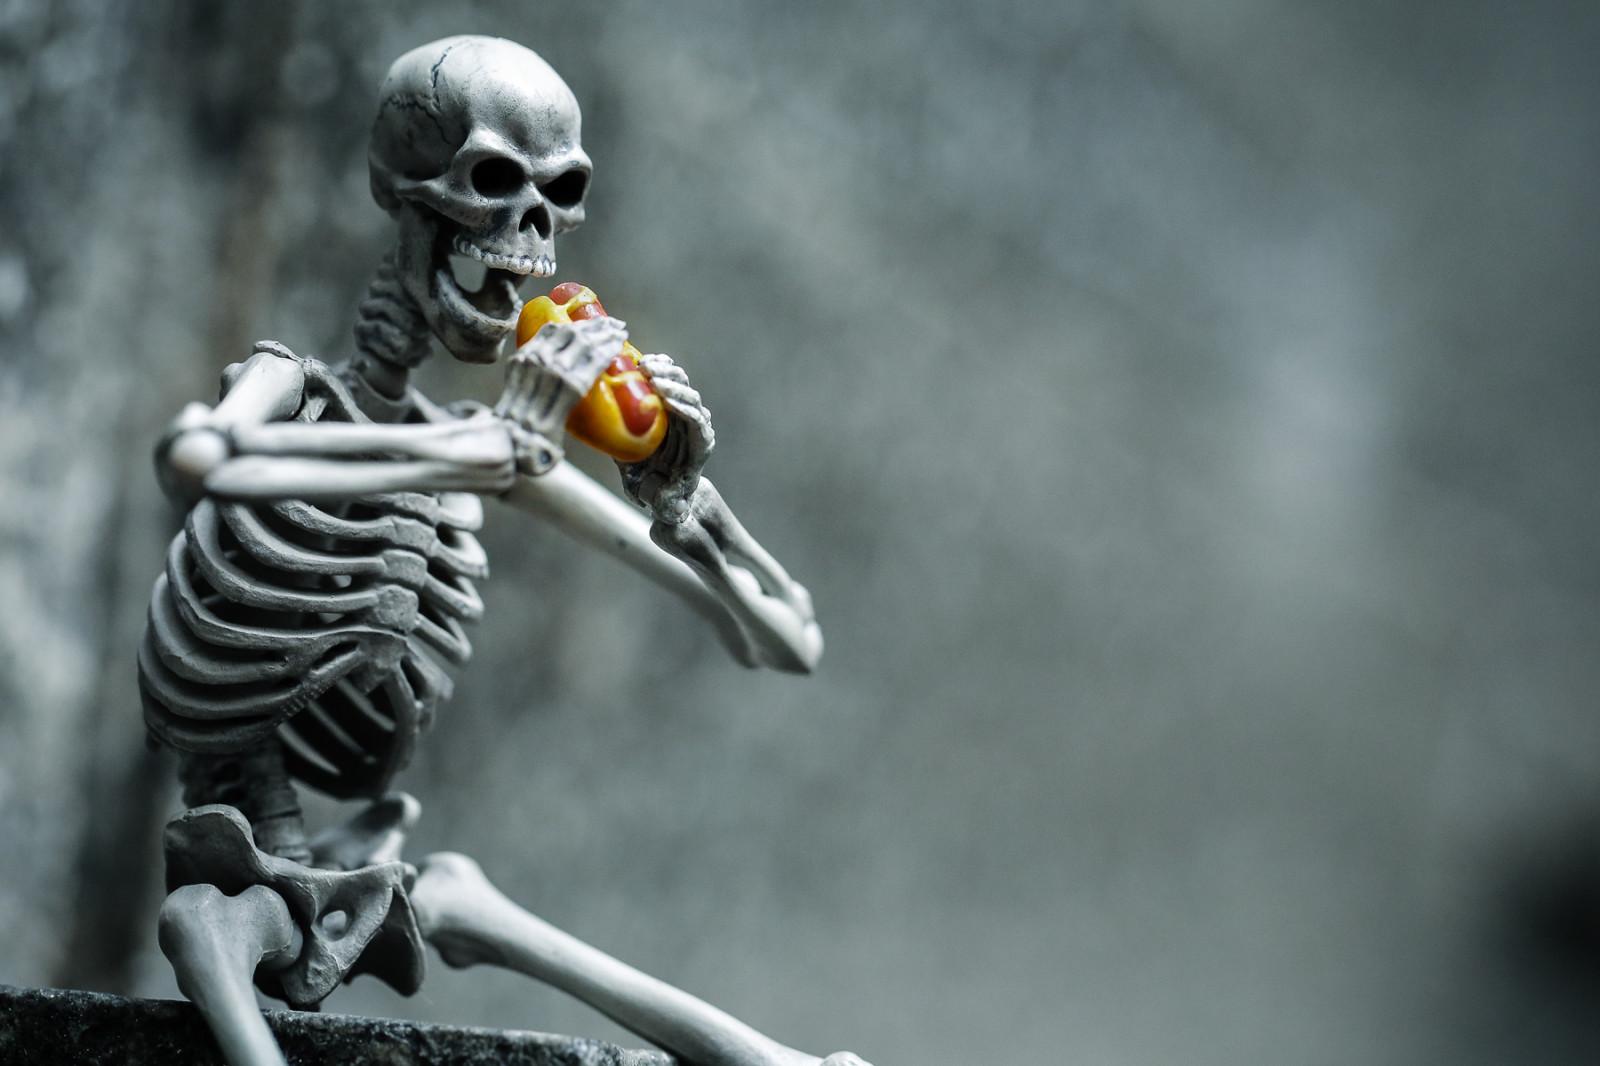 Марта открытки, прикольные картинки на аву скелеты